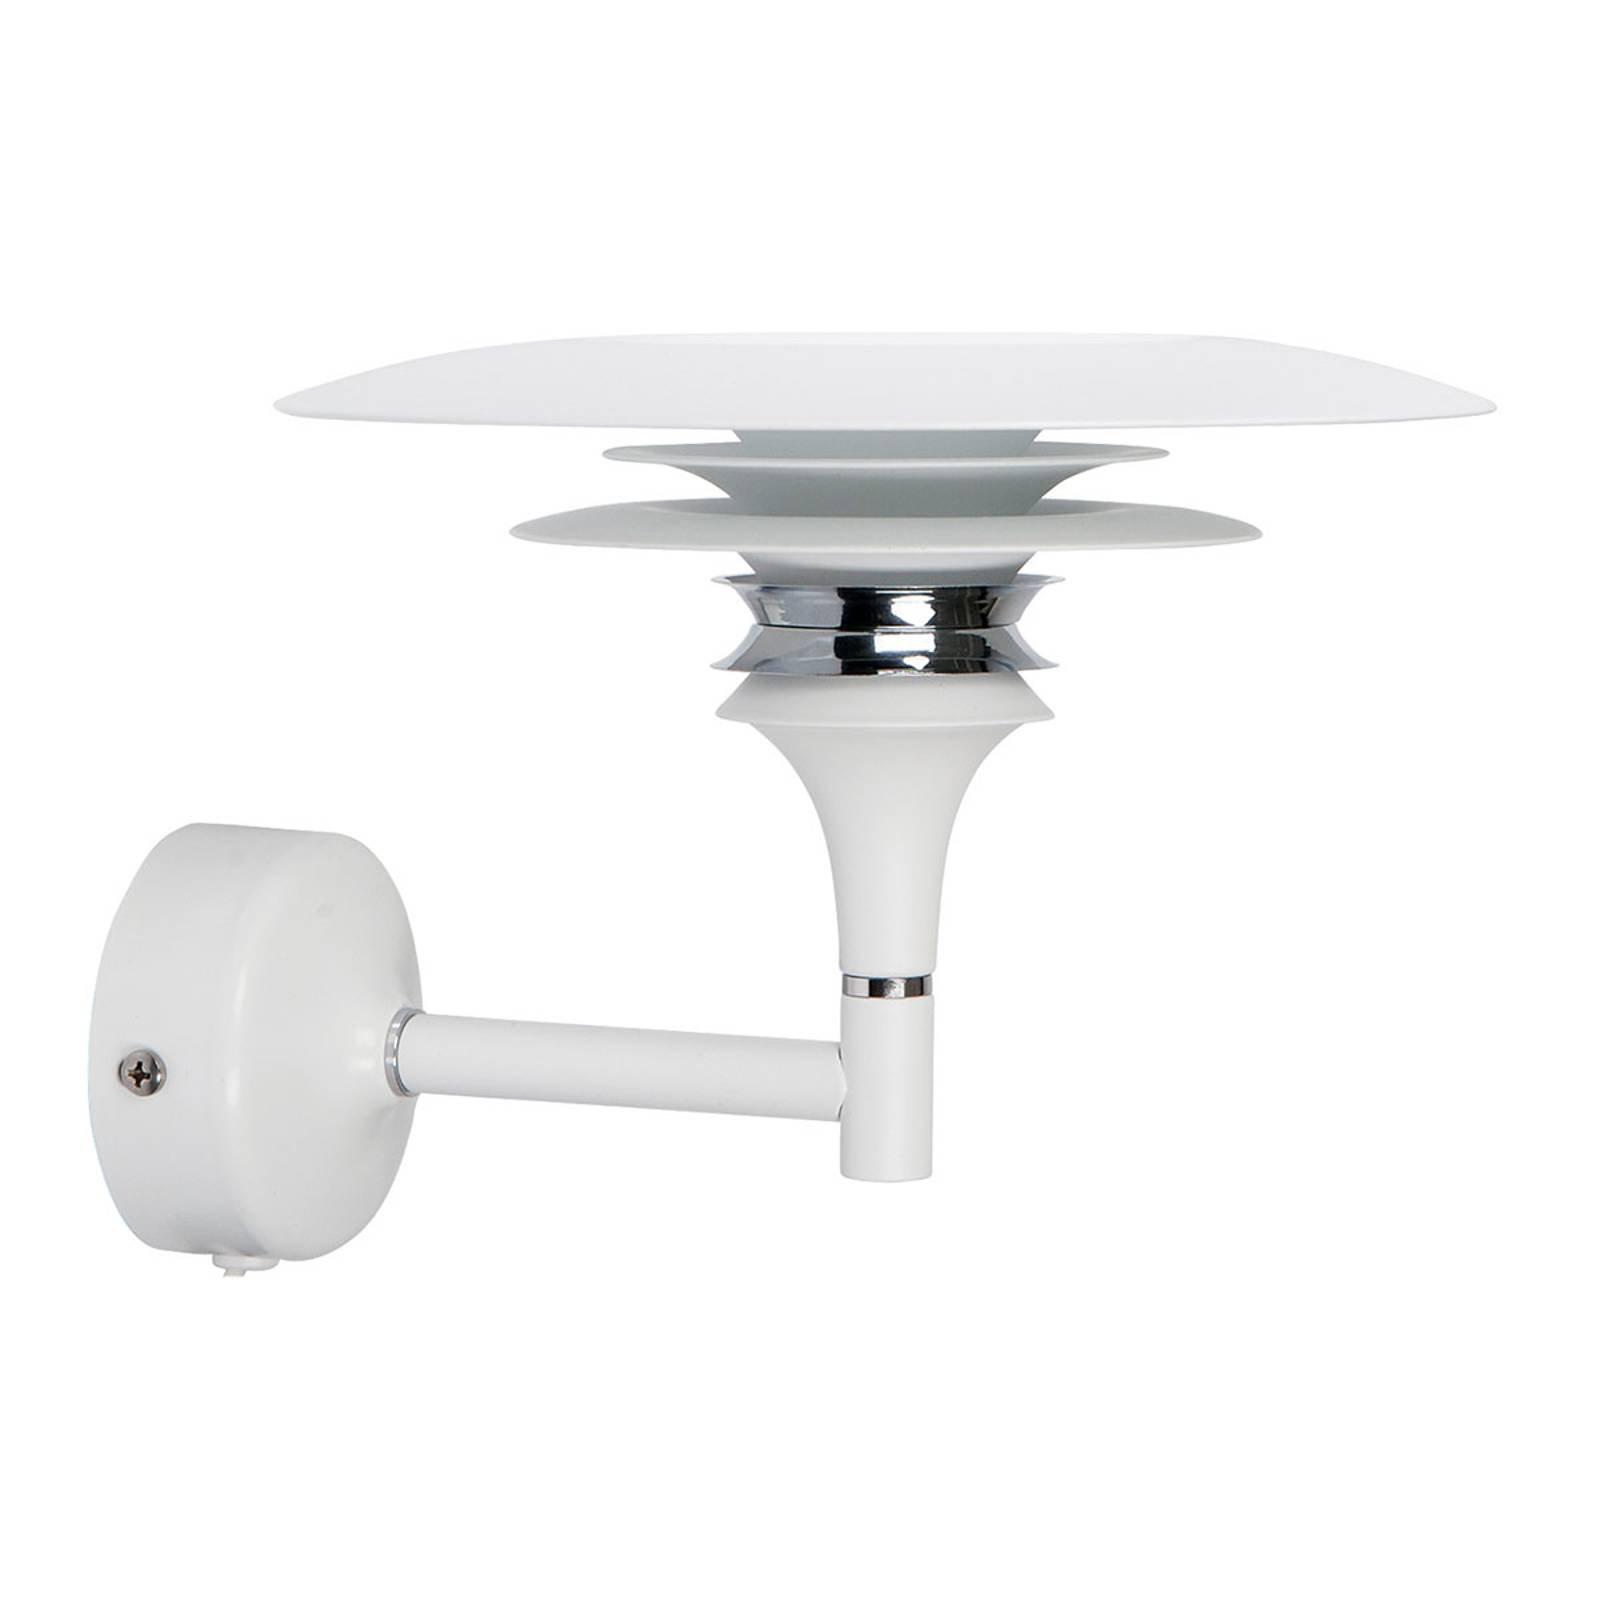 LED-vegglampe Diablo hvit, med plugg